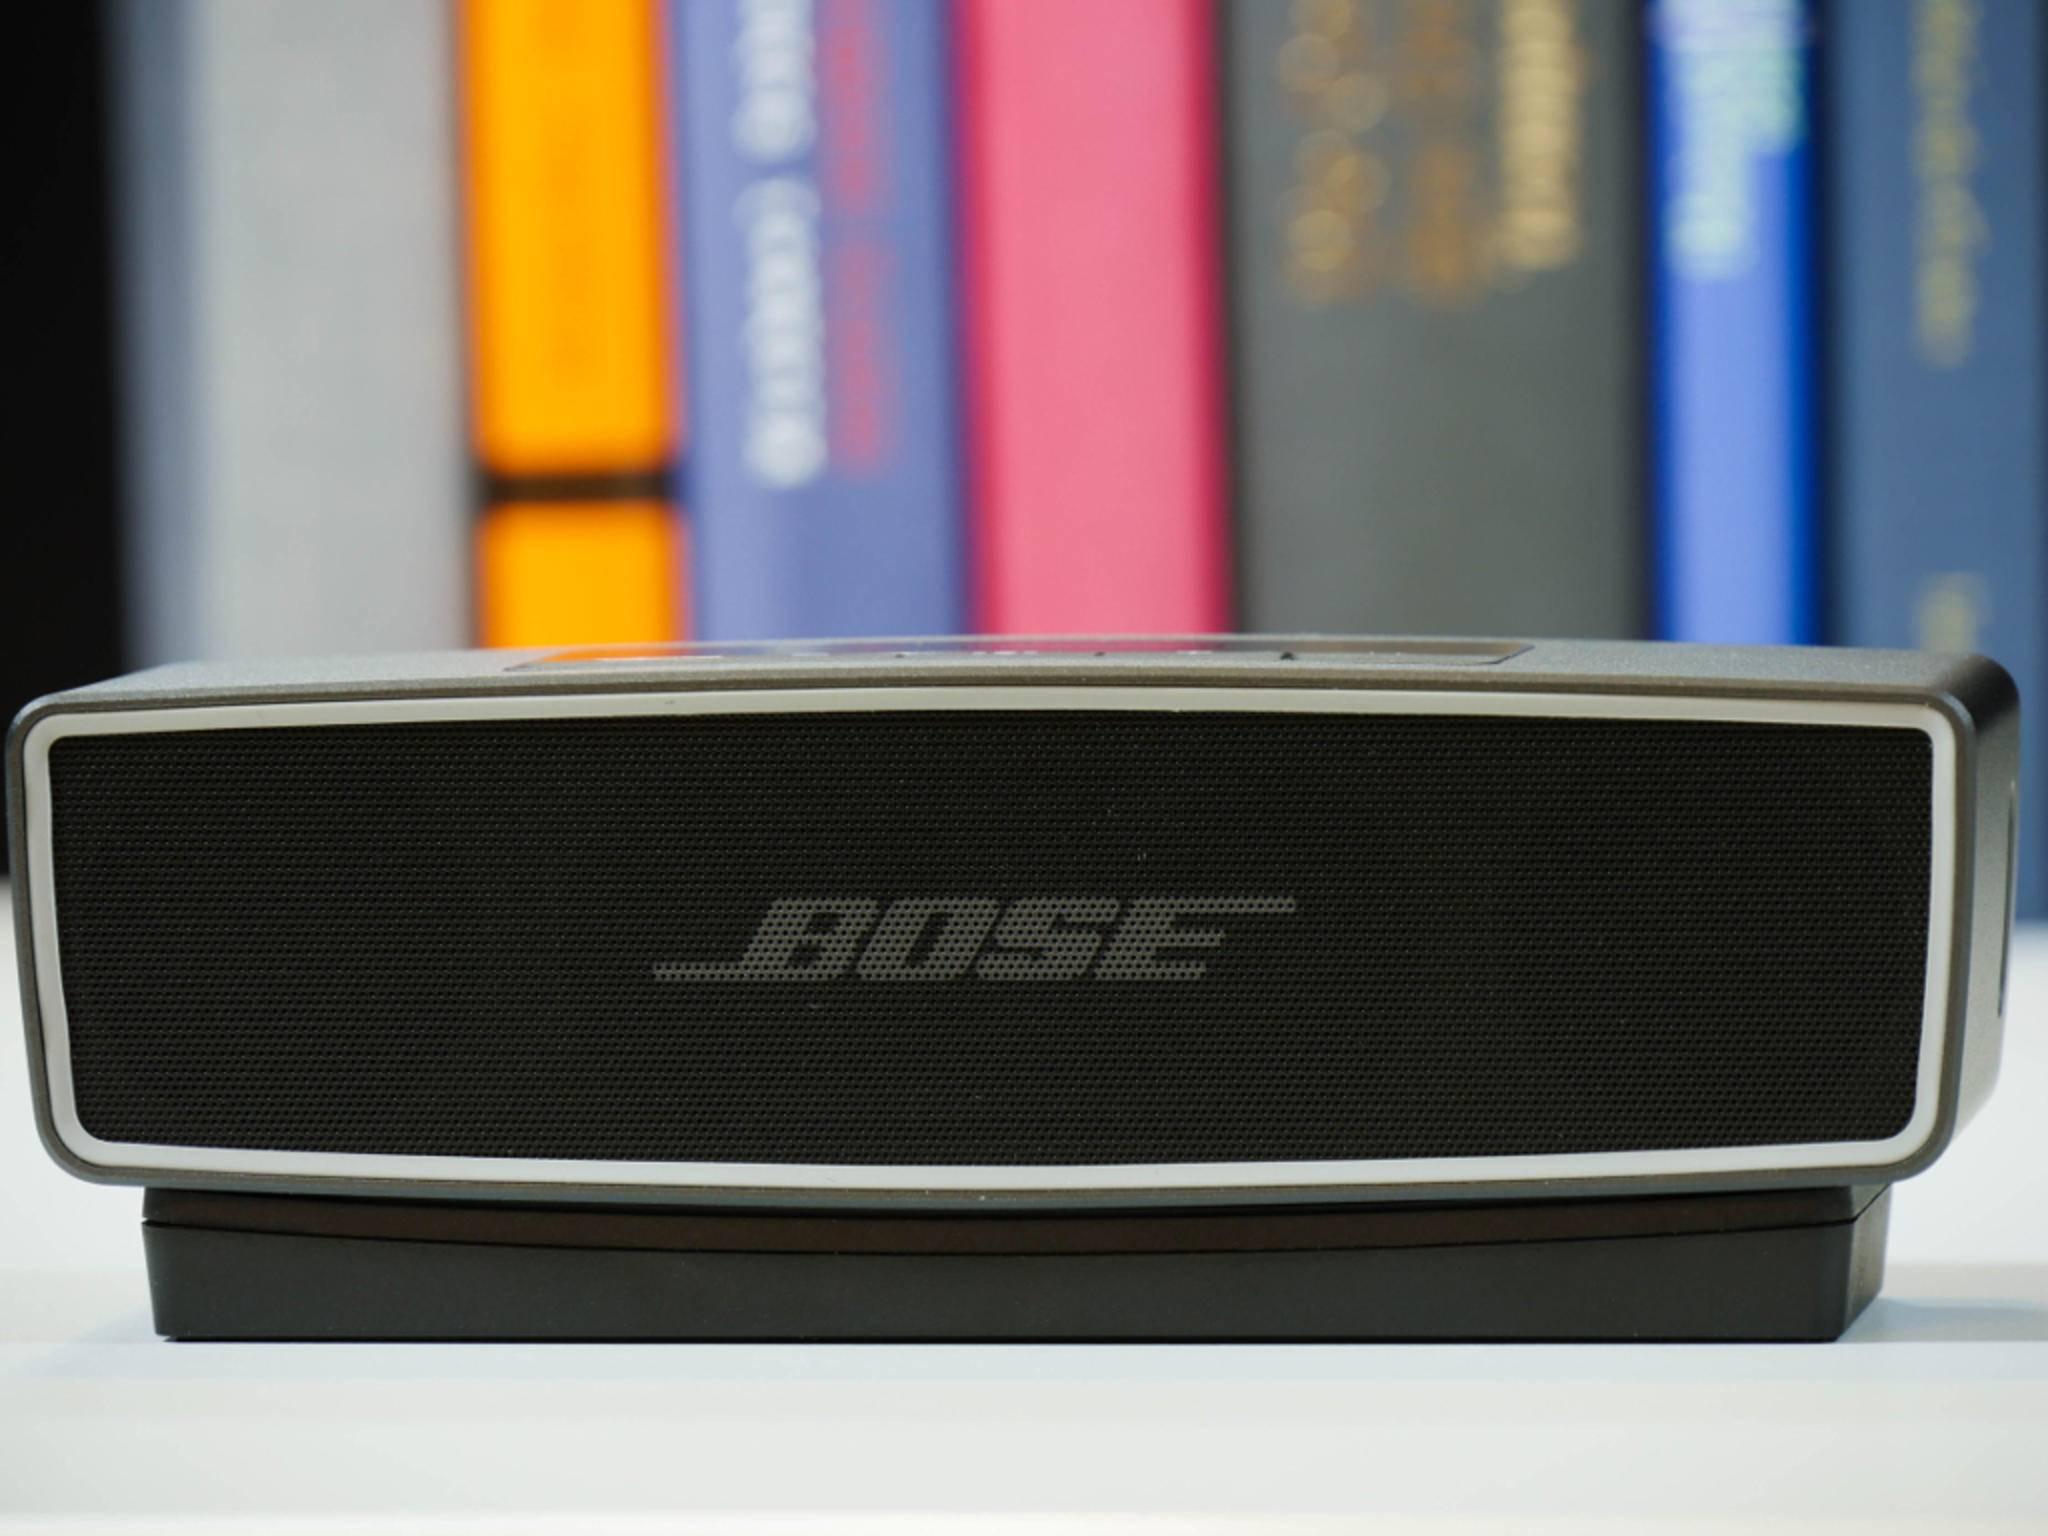 Die Bluetooth-Kopplung geht beim Bose SoundLink Mini II schnell und einfach vonstatten.